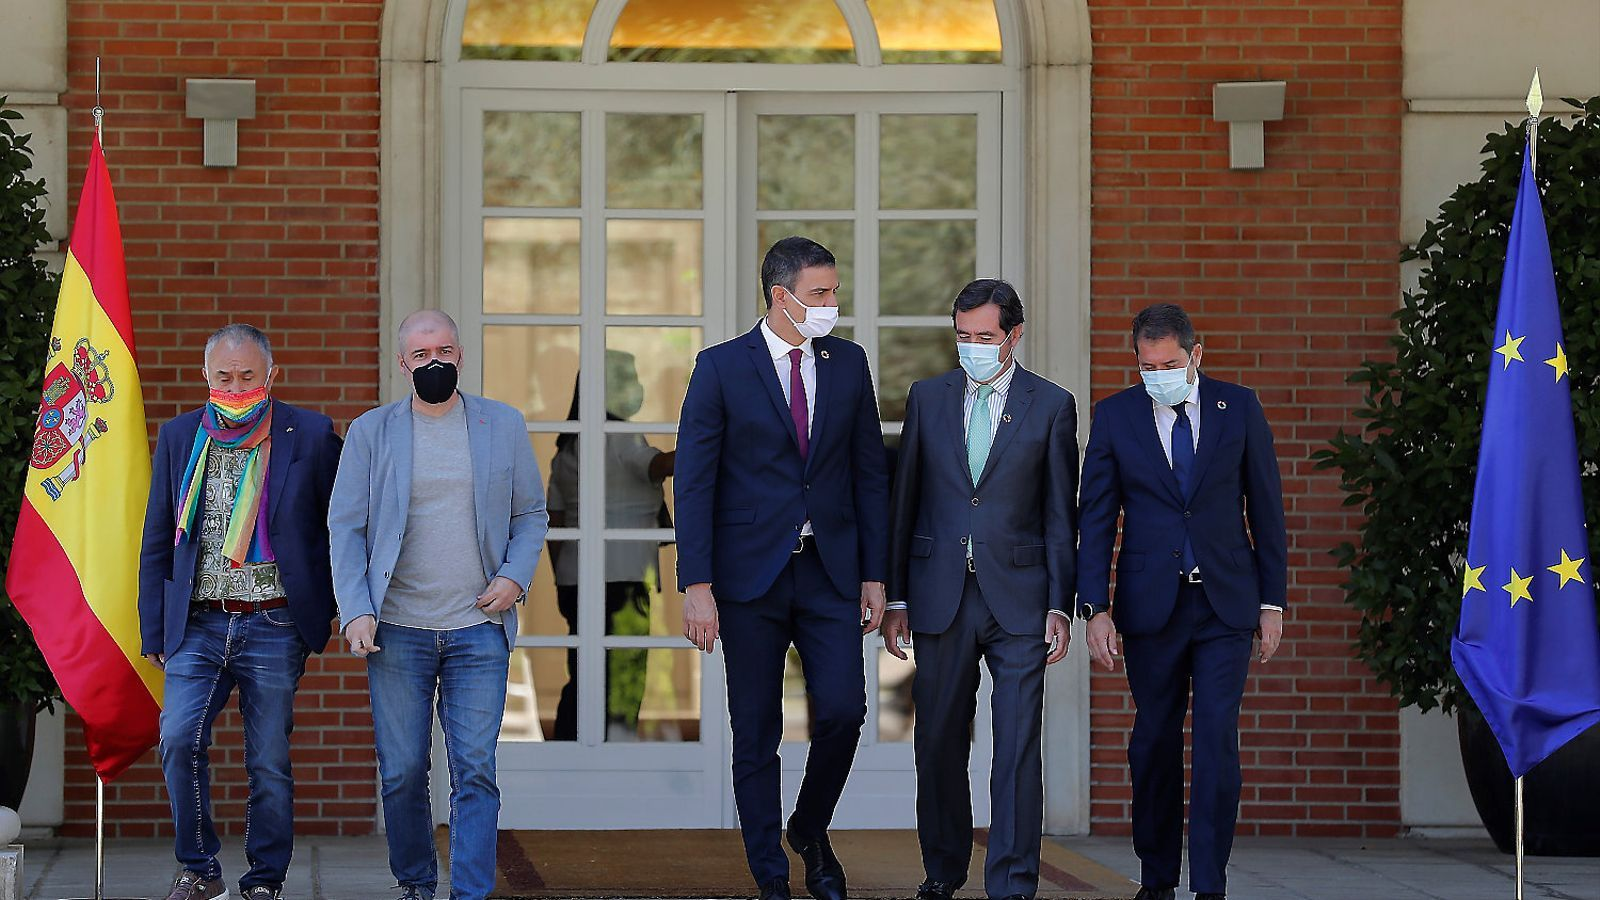 Els empresaris catalans busquen una alternativa al centralisme de Madrid